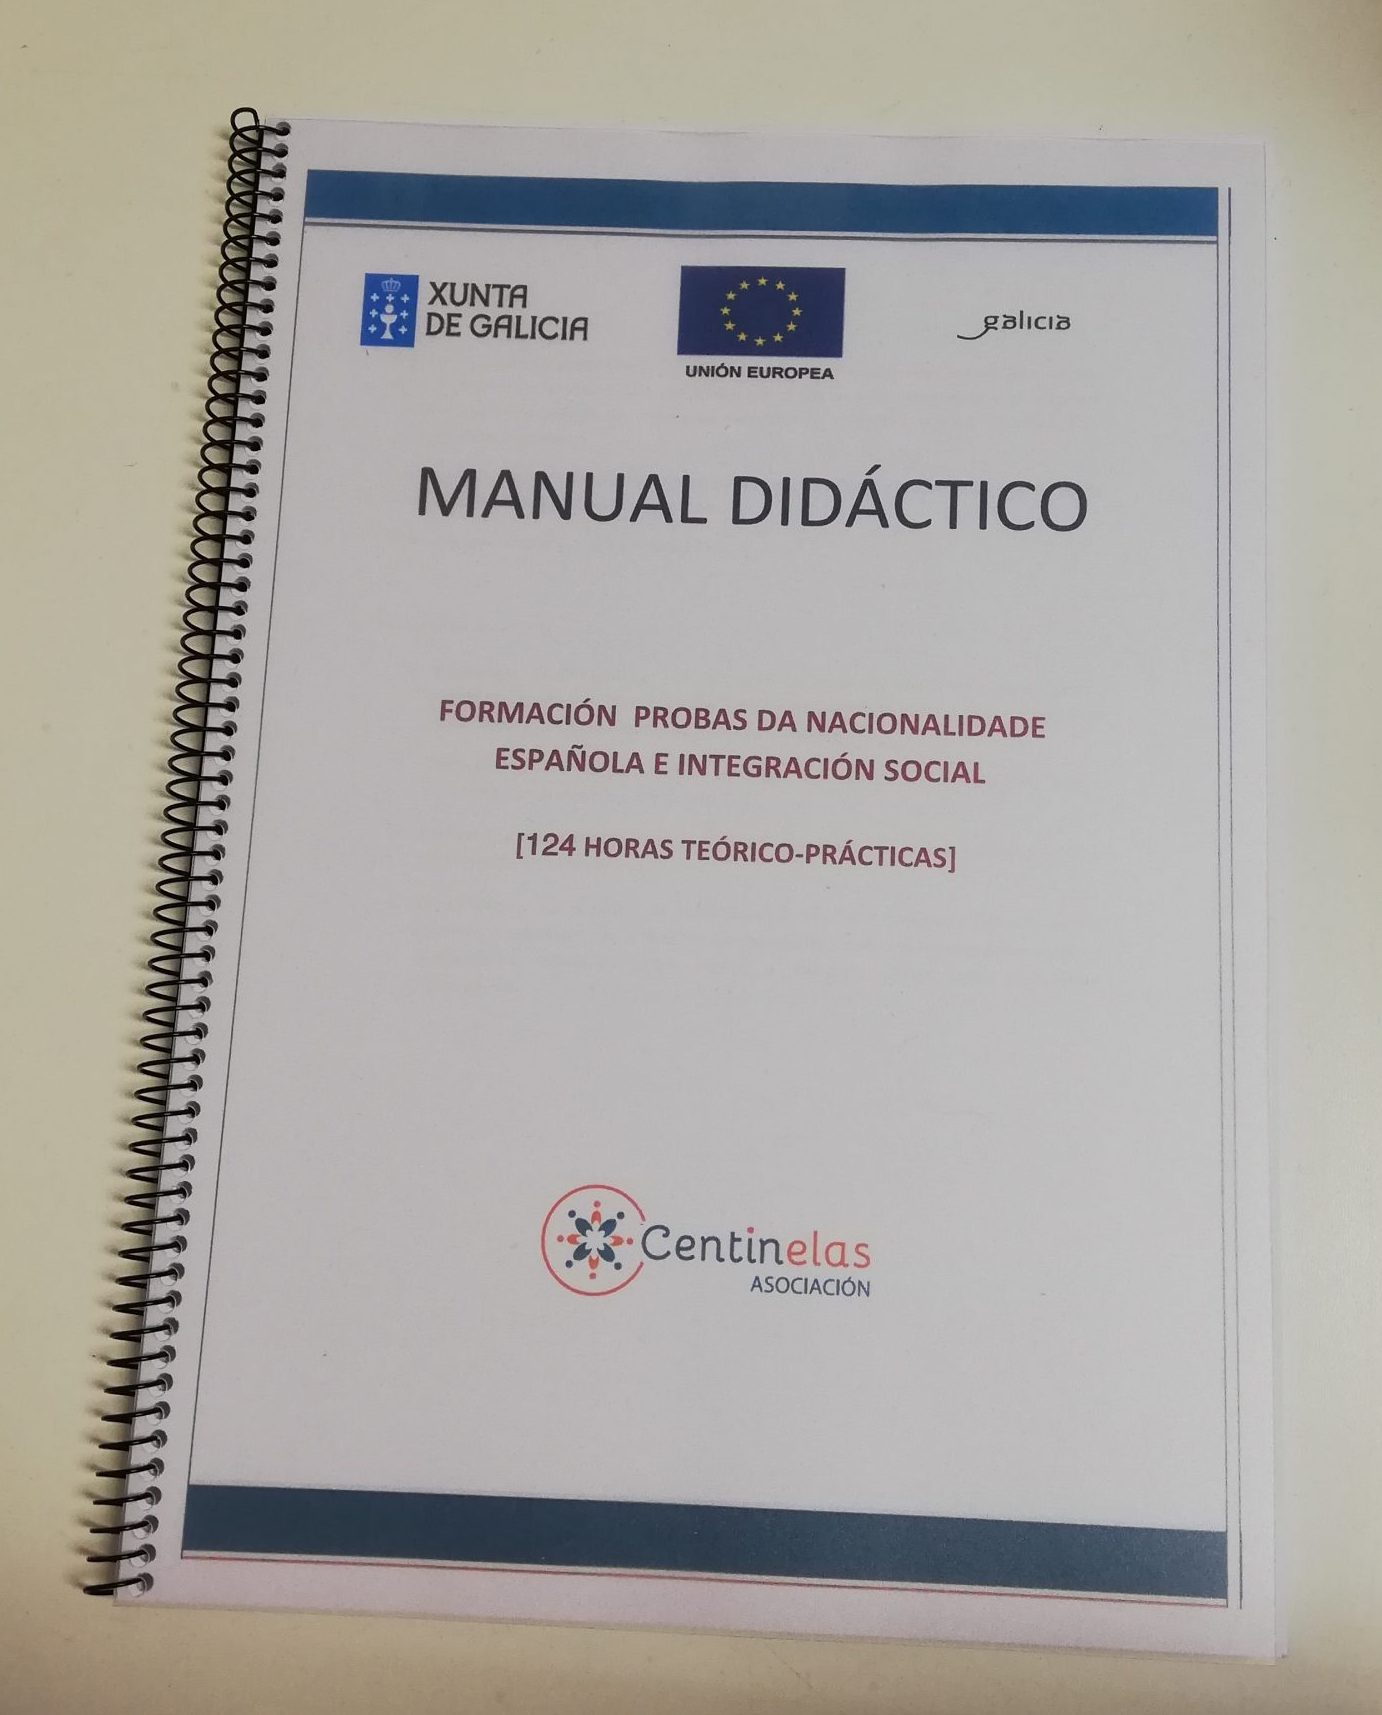 Inicio do curso de preparación das Probas da Nacionalidade Española e Integración Social